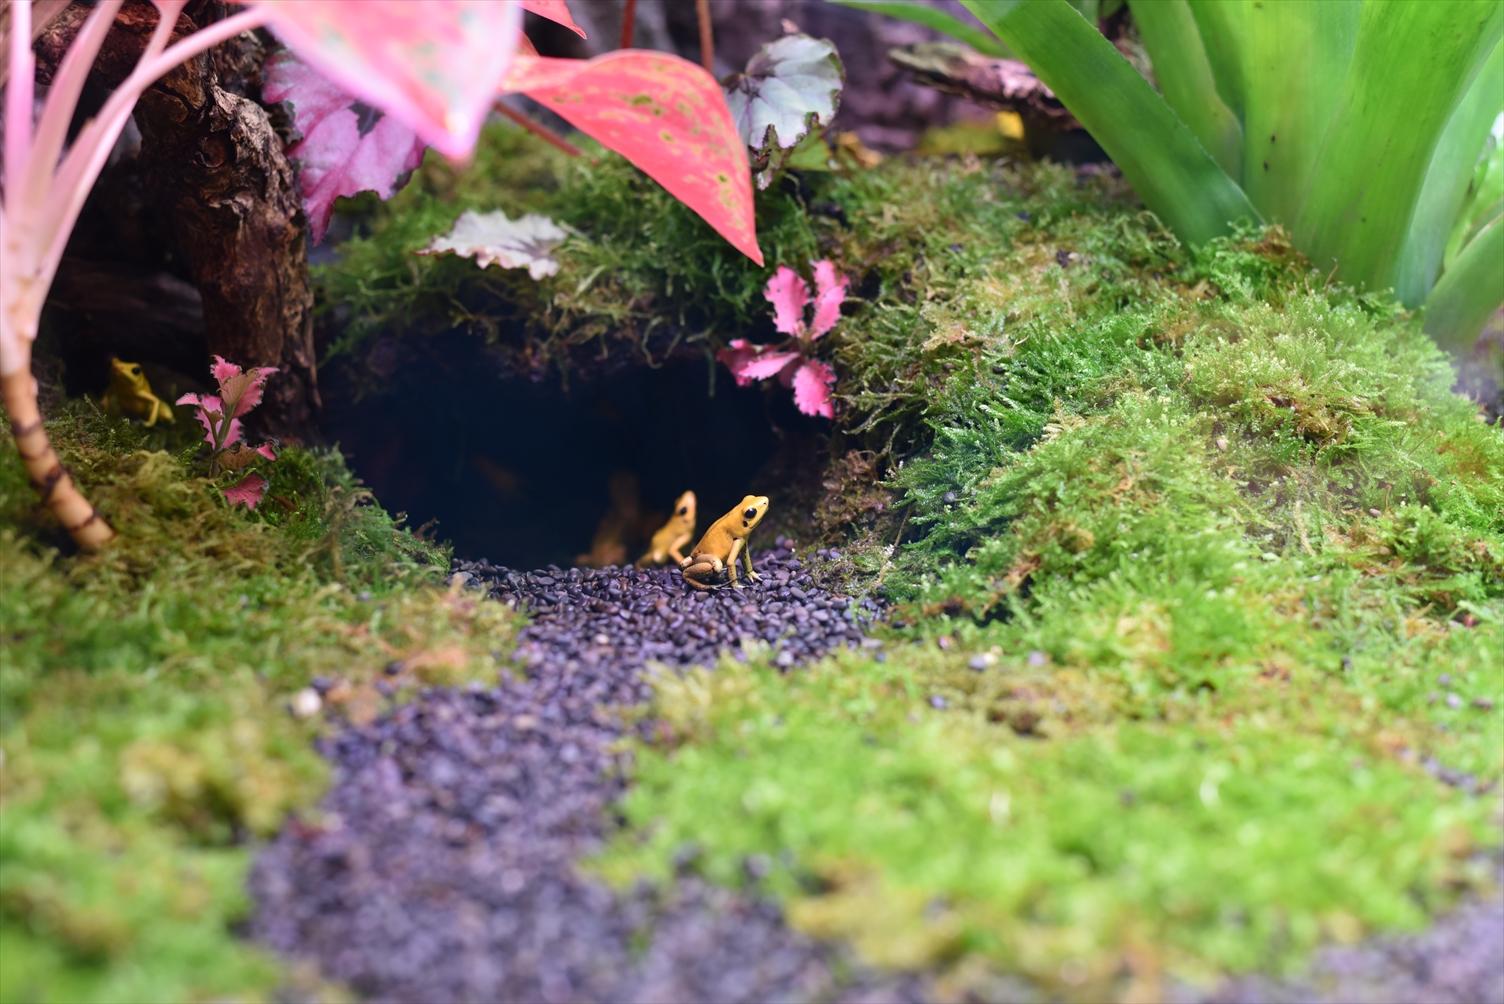 台北市立動物園 カエル